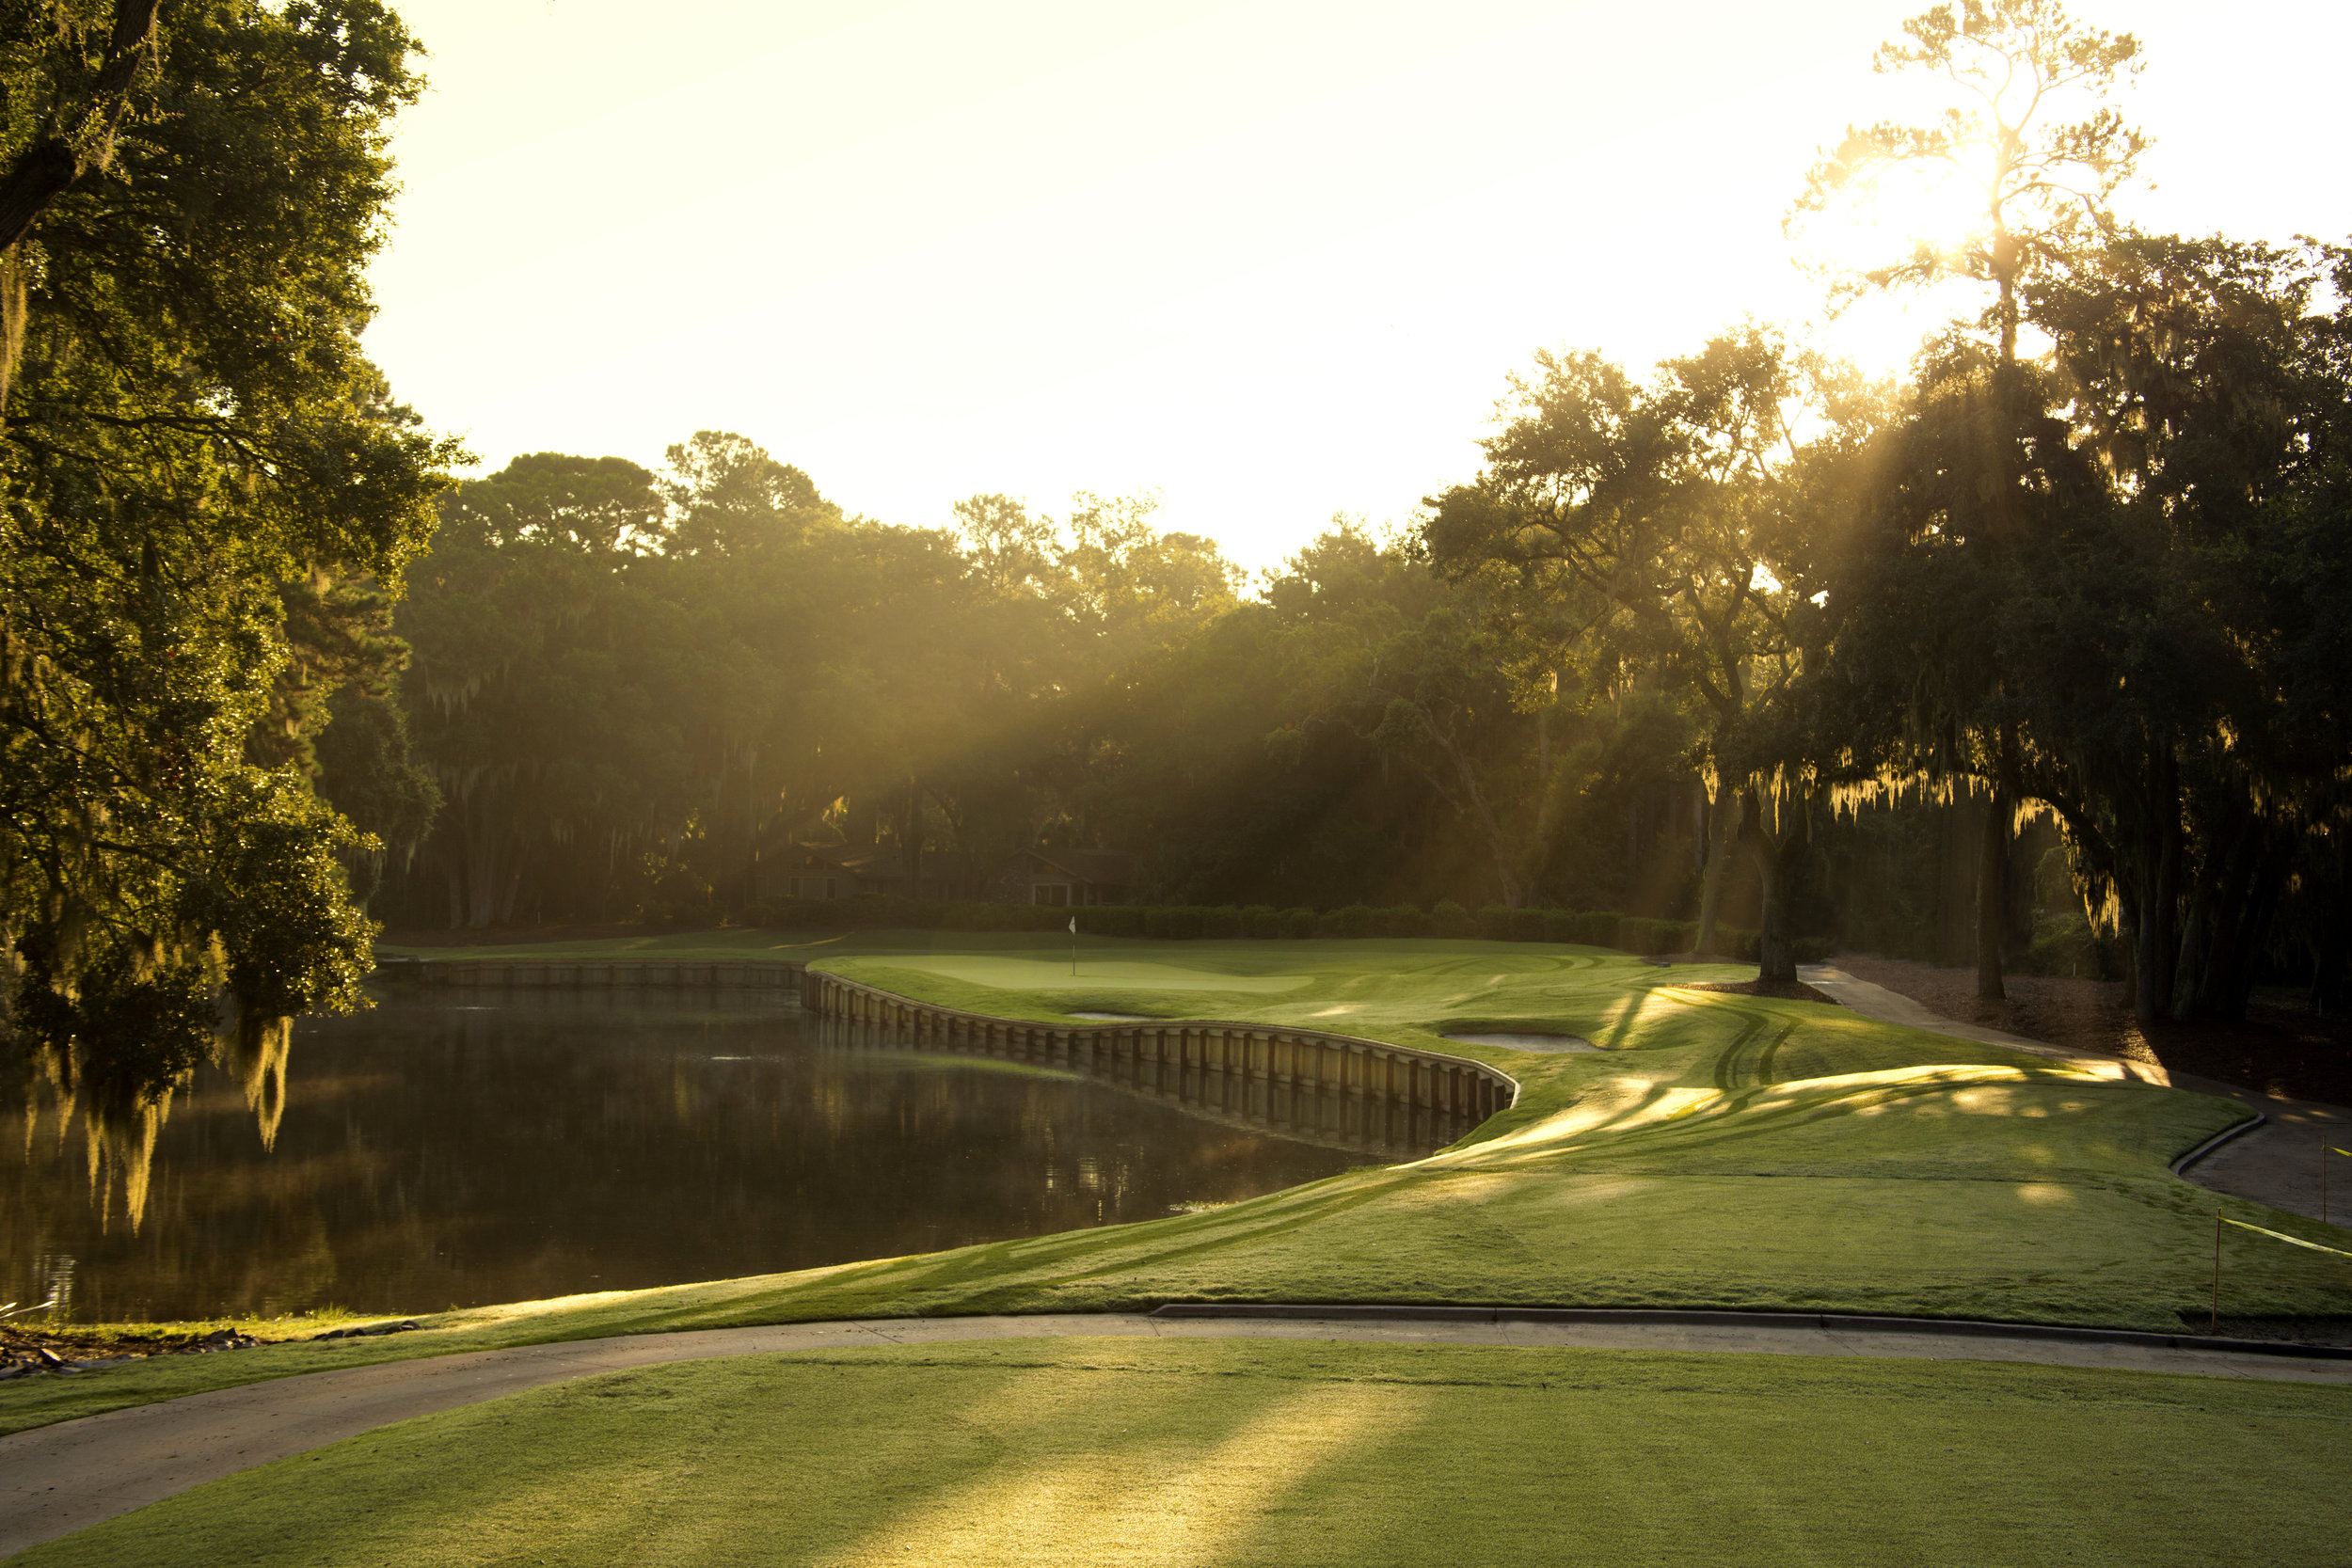 Golf Hole #13, 157 Yards, Par 3